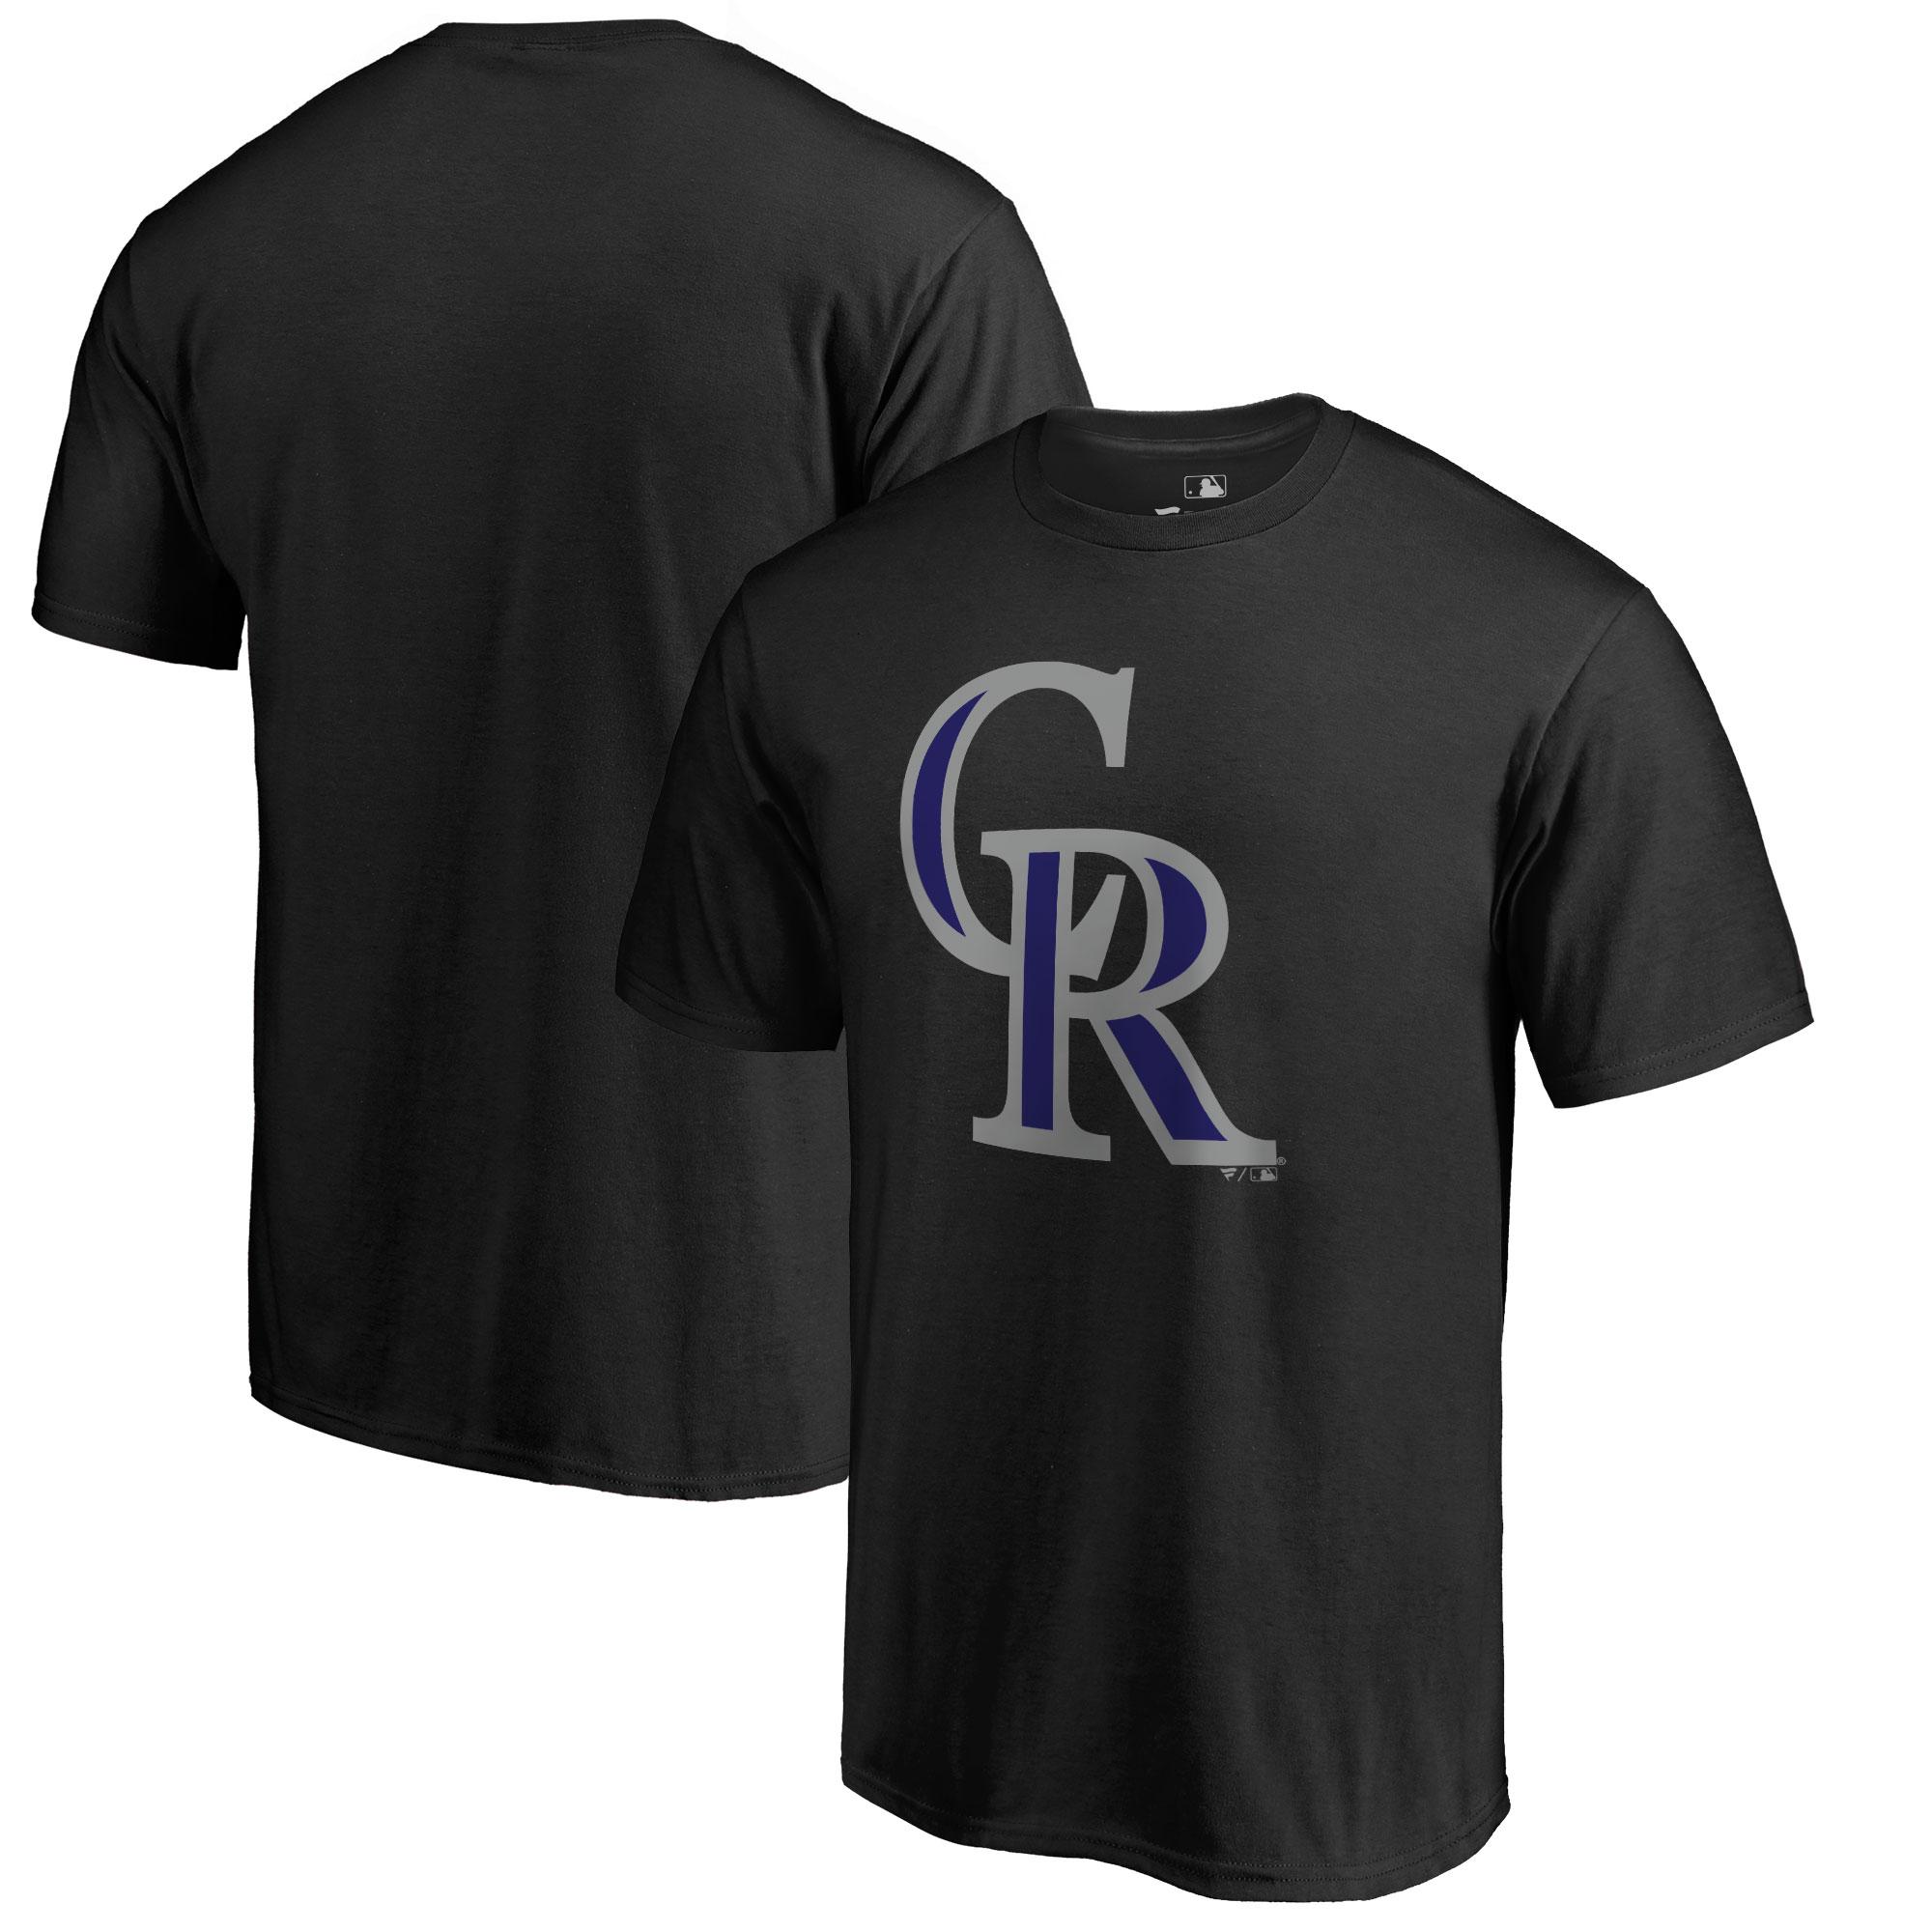 Colorado Rockies Big & Tall Primary Team Logo T-Shirt - Black